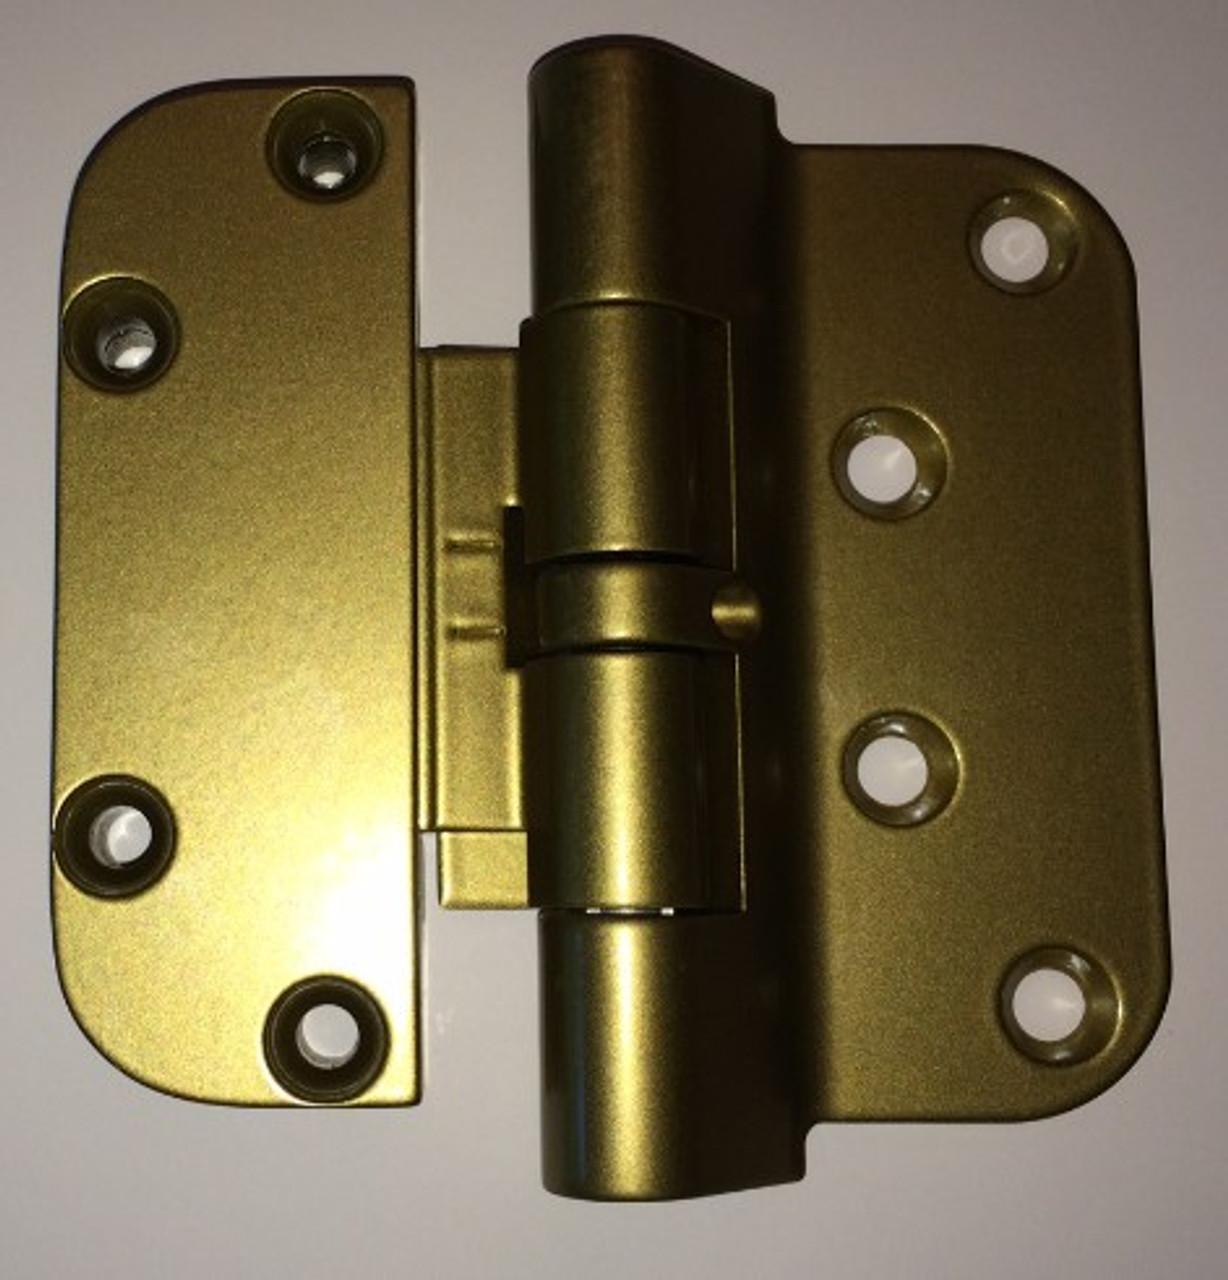 Hoppe adjustable SET hinge for swing door